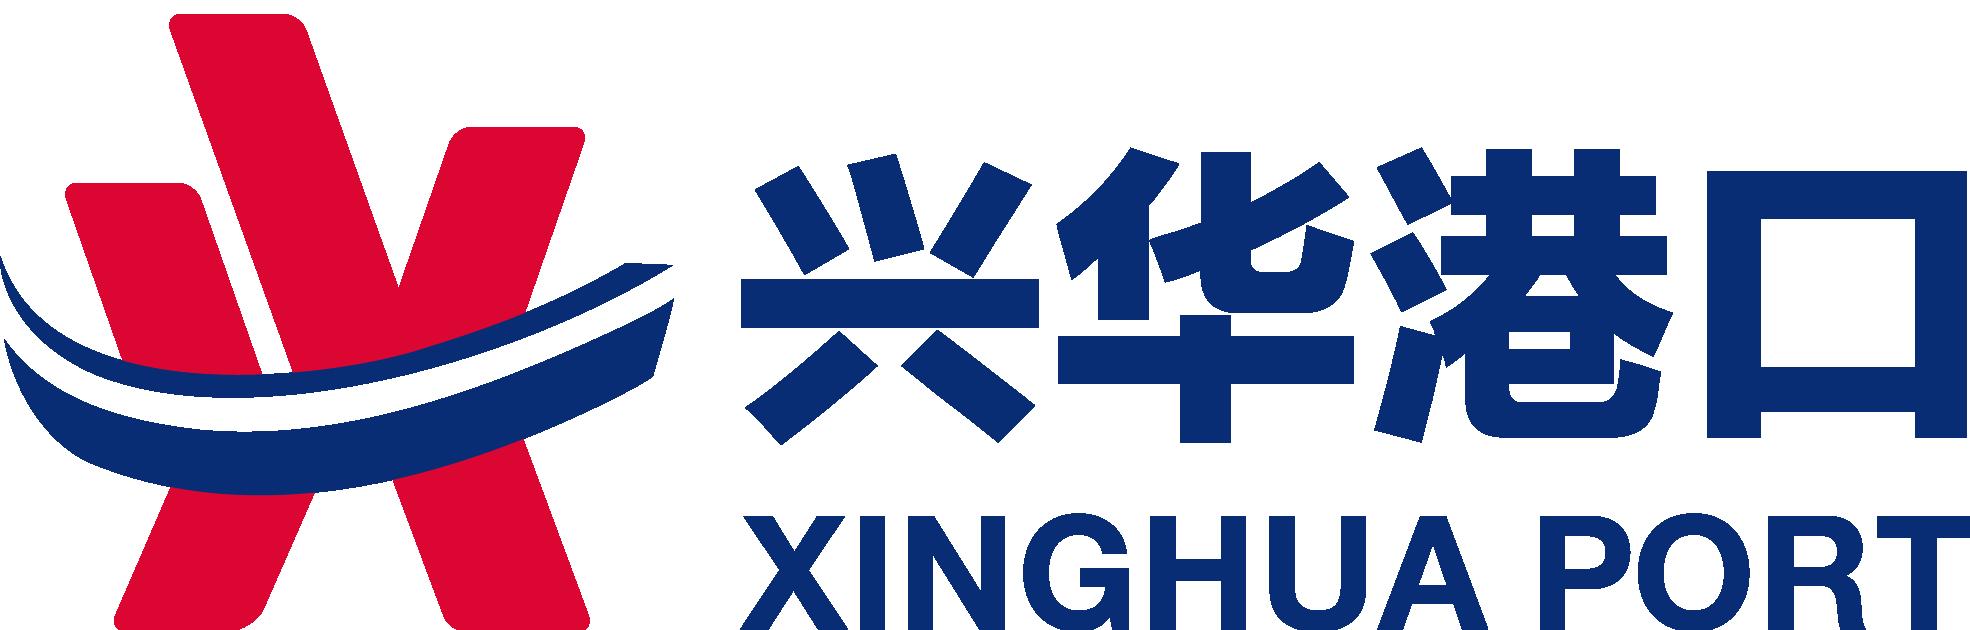 Xinghua Port